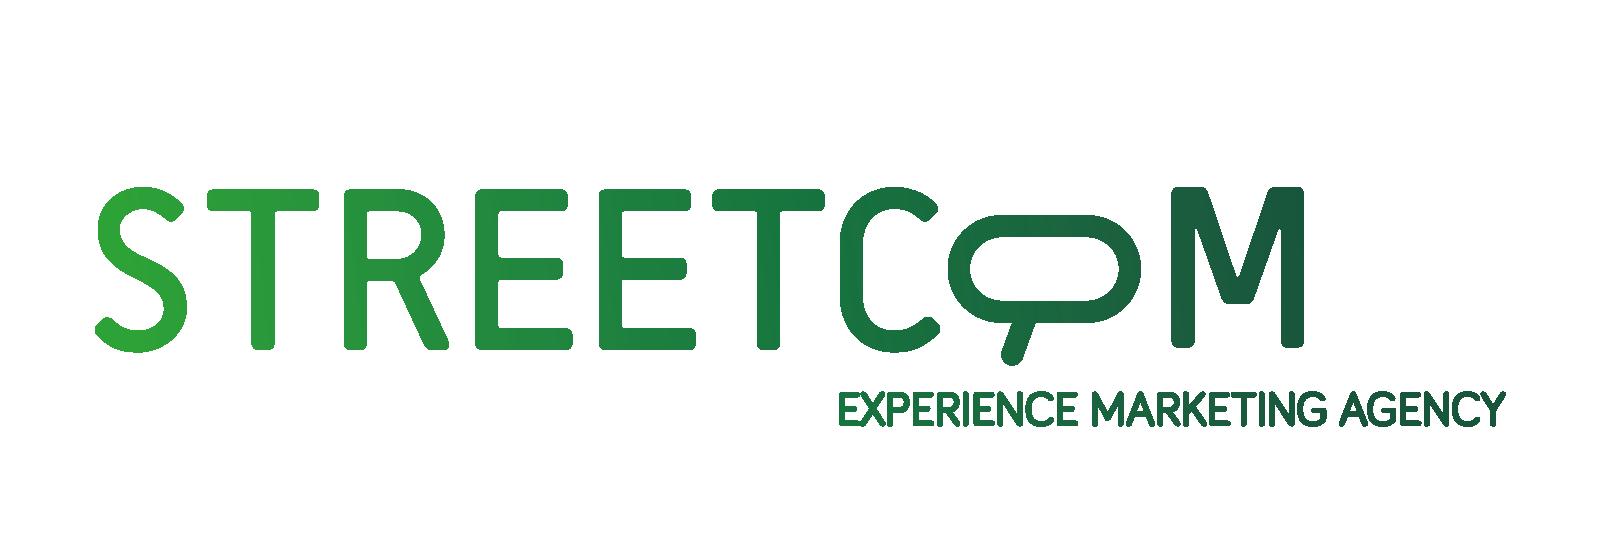 Streetcom logo